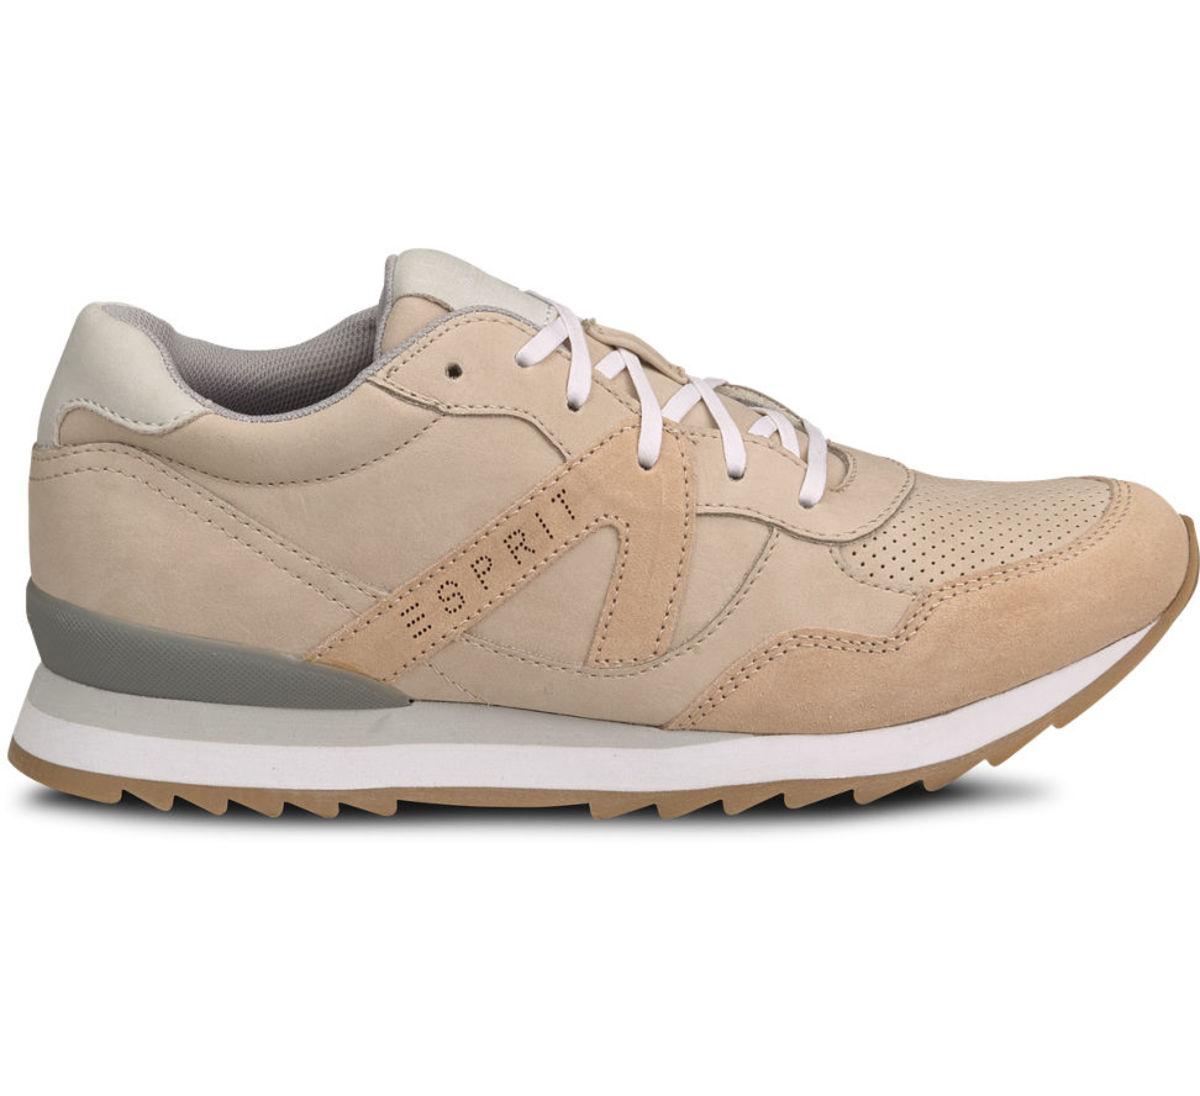 Bild 3 von Esprit Sneaker - ASTRO LACE UP